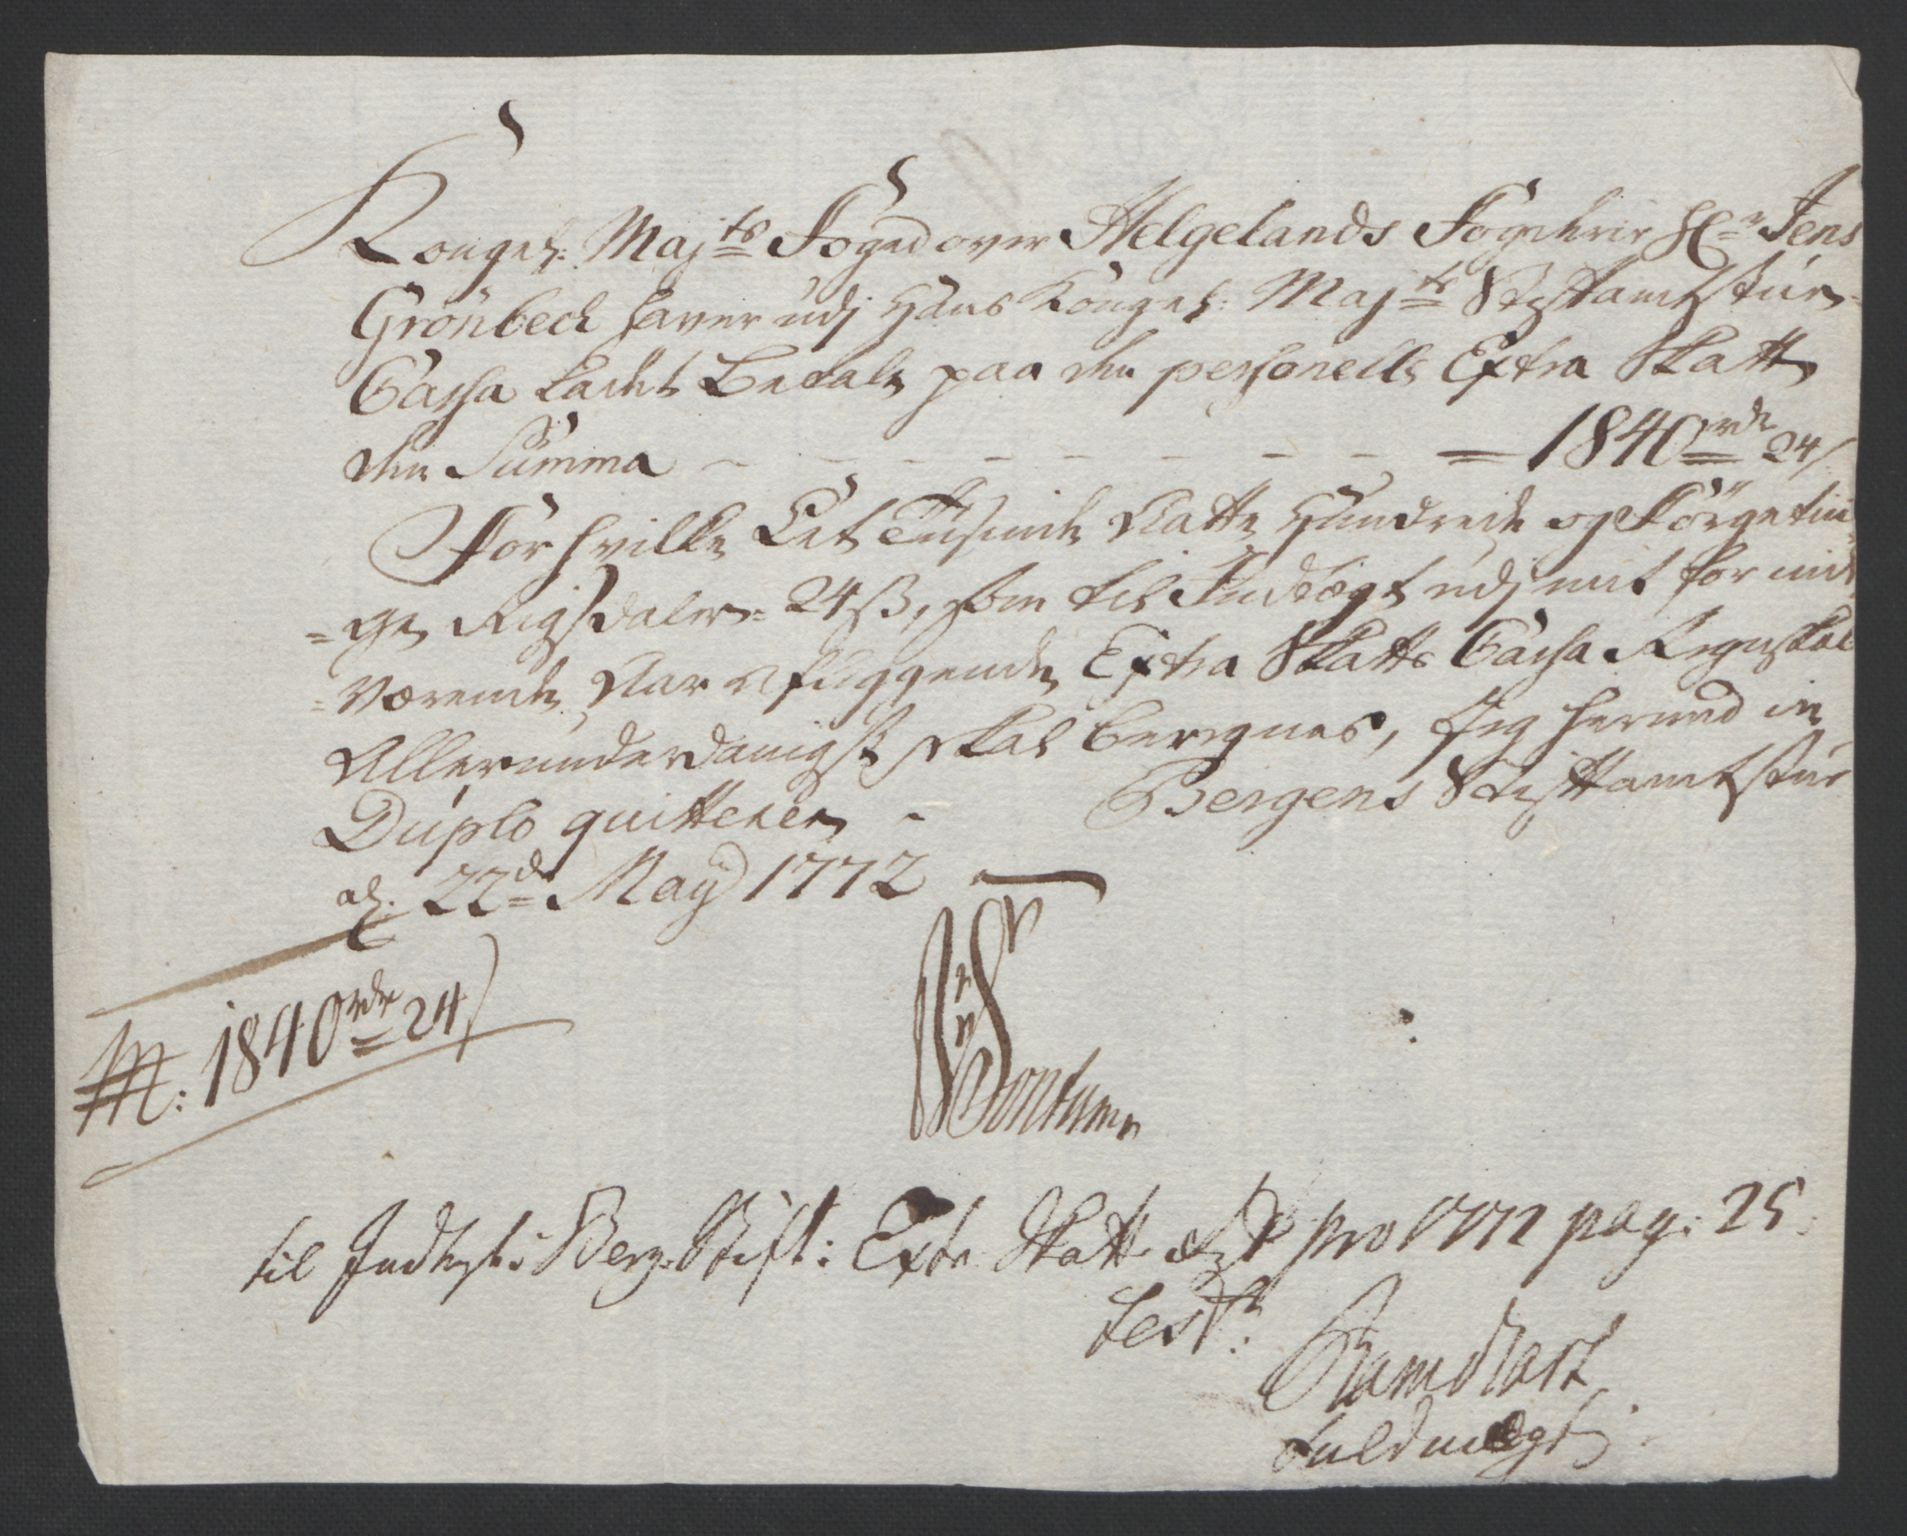 RA, Rentekammeret inntil 1814, Reviderte regnskaper, Fogderegnskap, R65/L4573: Ekstraskatten Helgeland, 1762-1772, s. 436